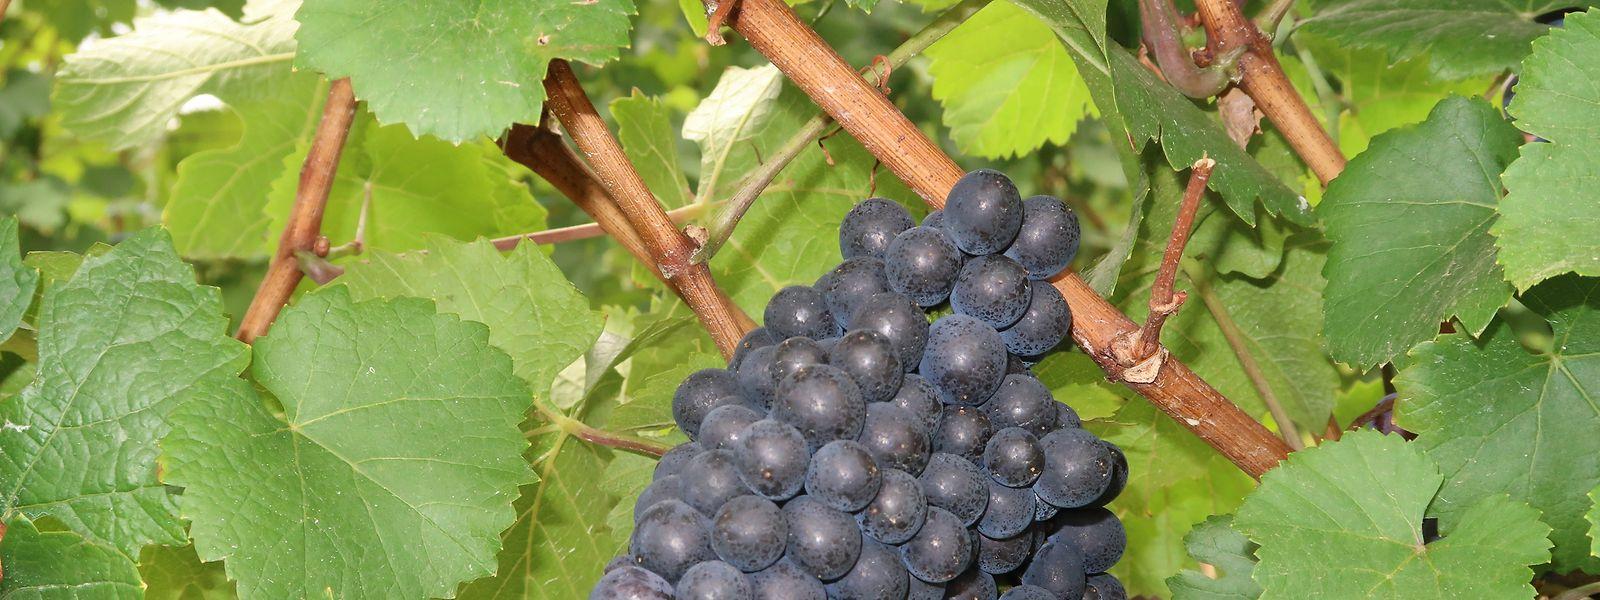 Schon Ende August sind die Trauben fast voll ausgereift.